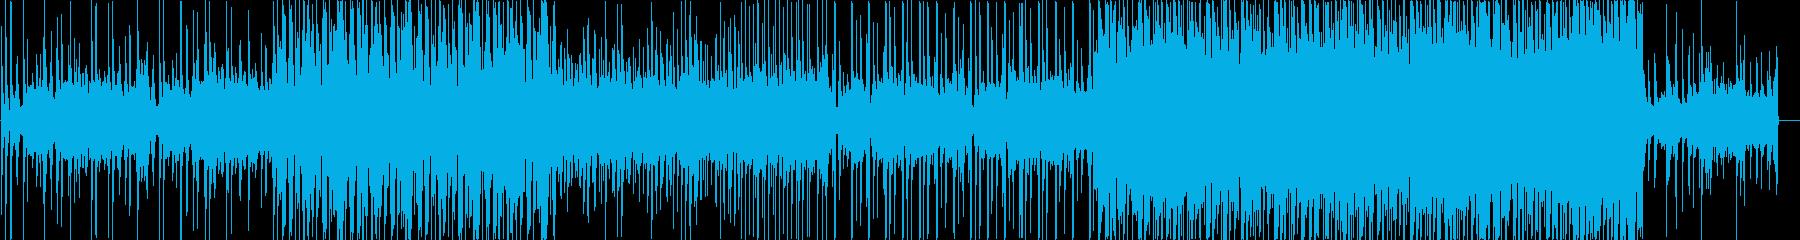 三味線、和風、エレクトロ、凛、モダン1の再生済みの波形